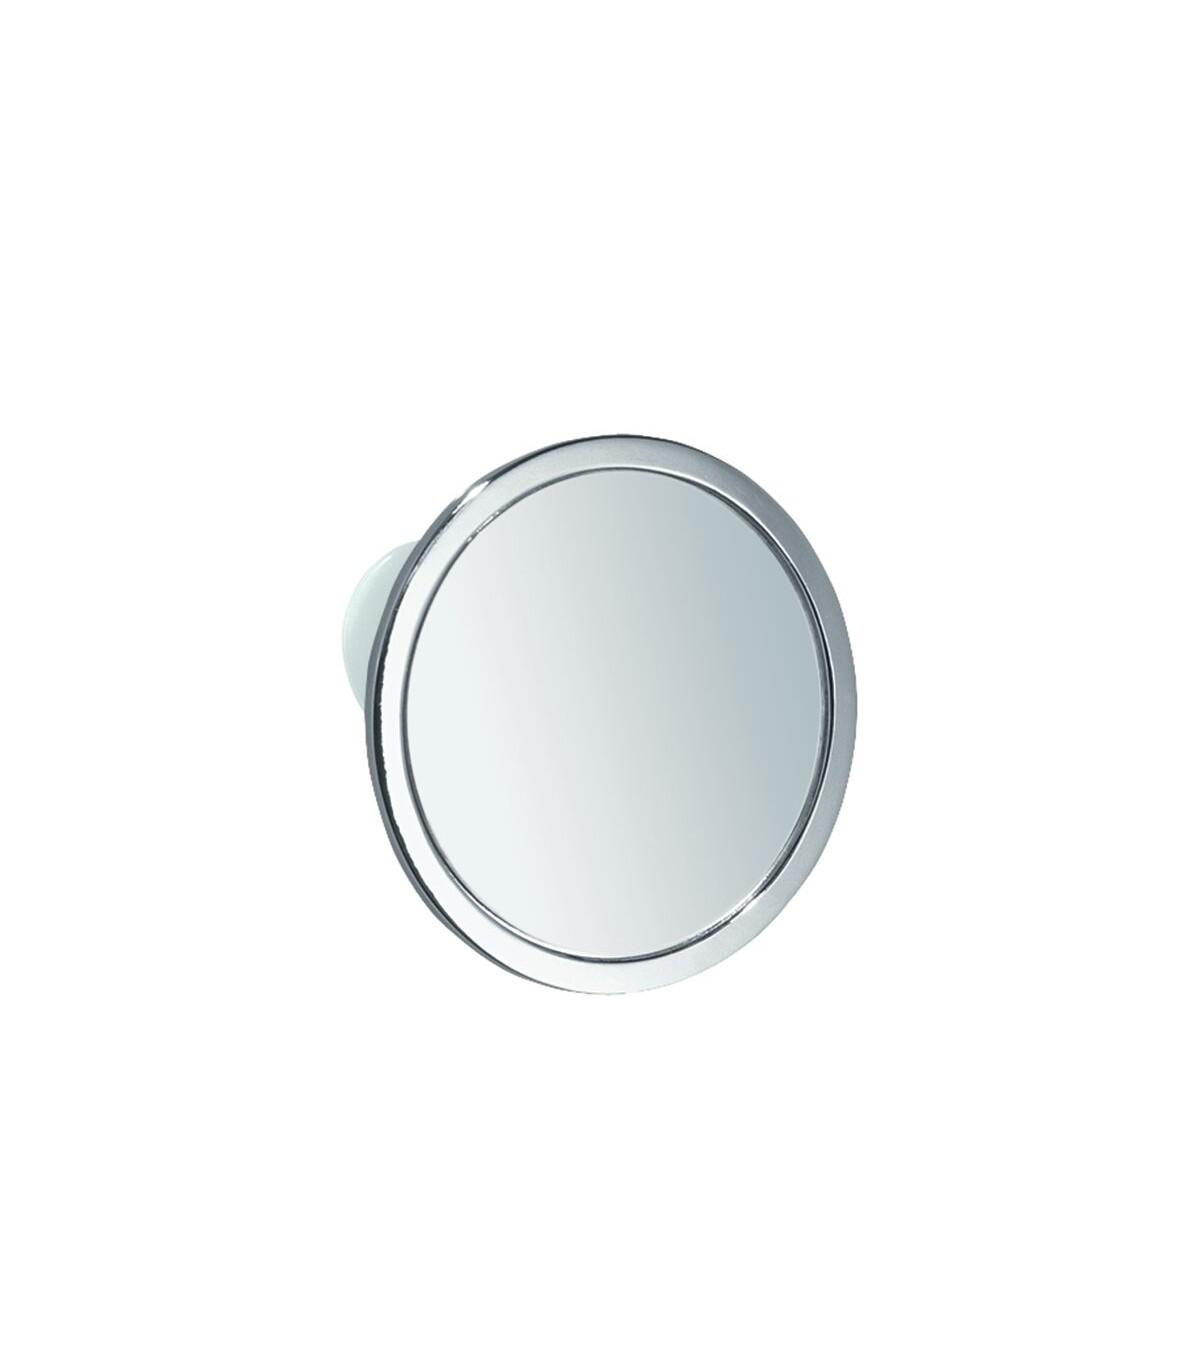 Miroir à ventouse chromé - Argent